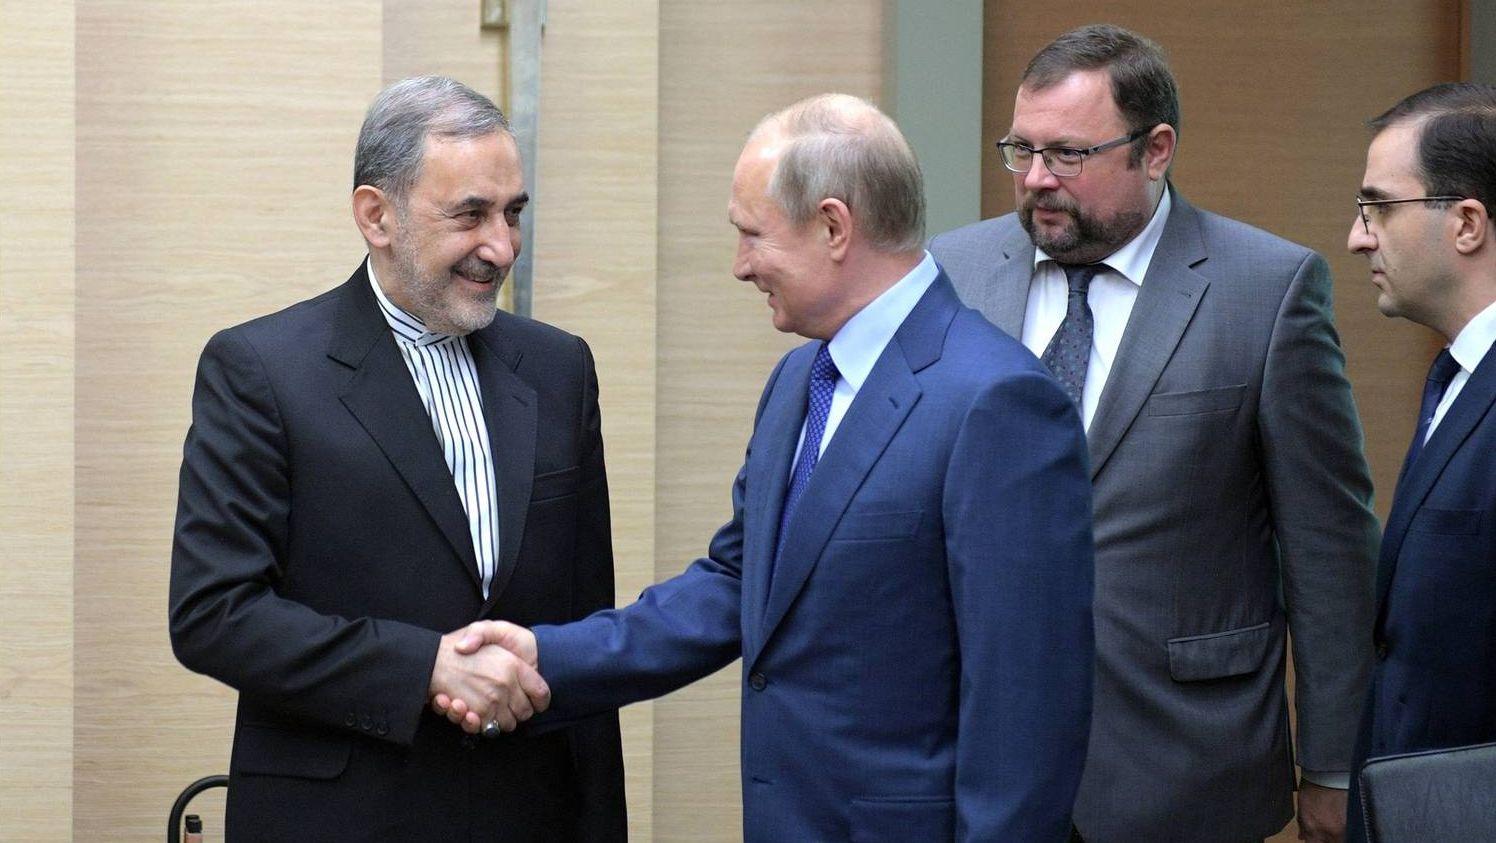 Встреча с советником Верховного руководителя Ирана по международным вопросам Али Акбаром Велаяти